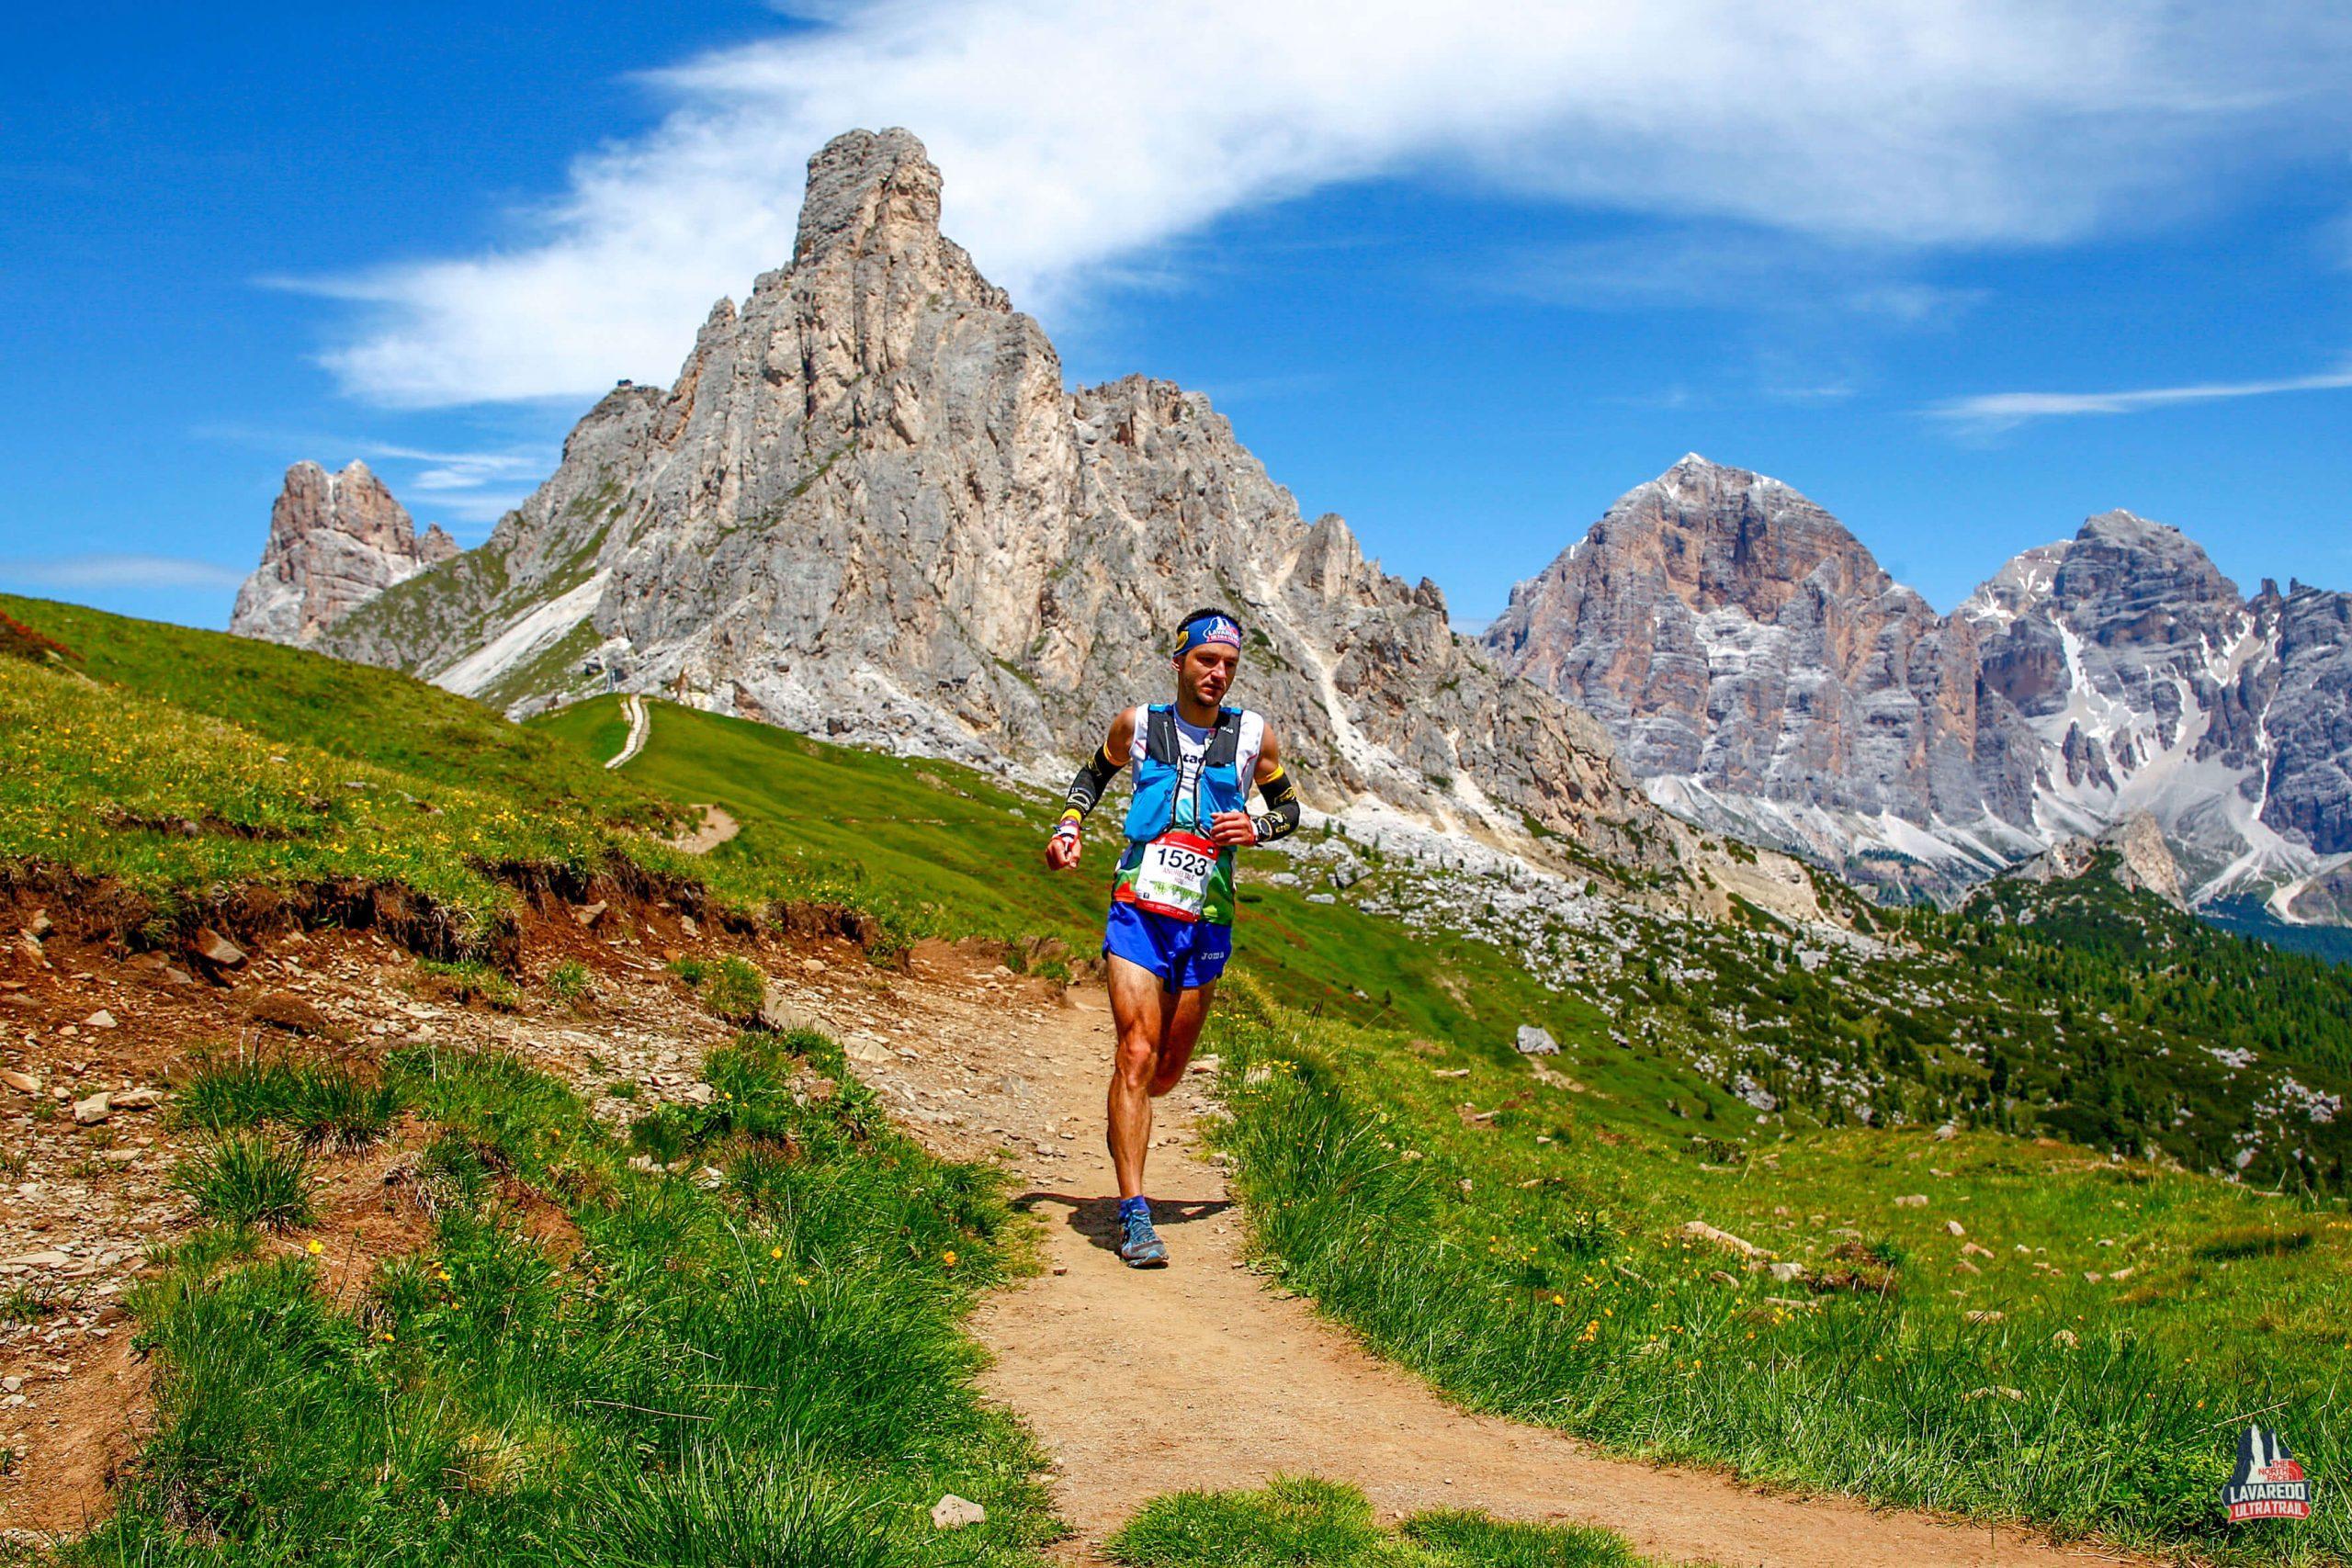 north-face-lavaredo-ultra-trail-2018-5593342-53095-189